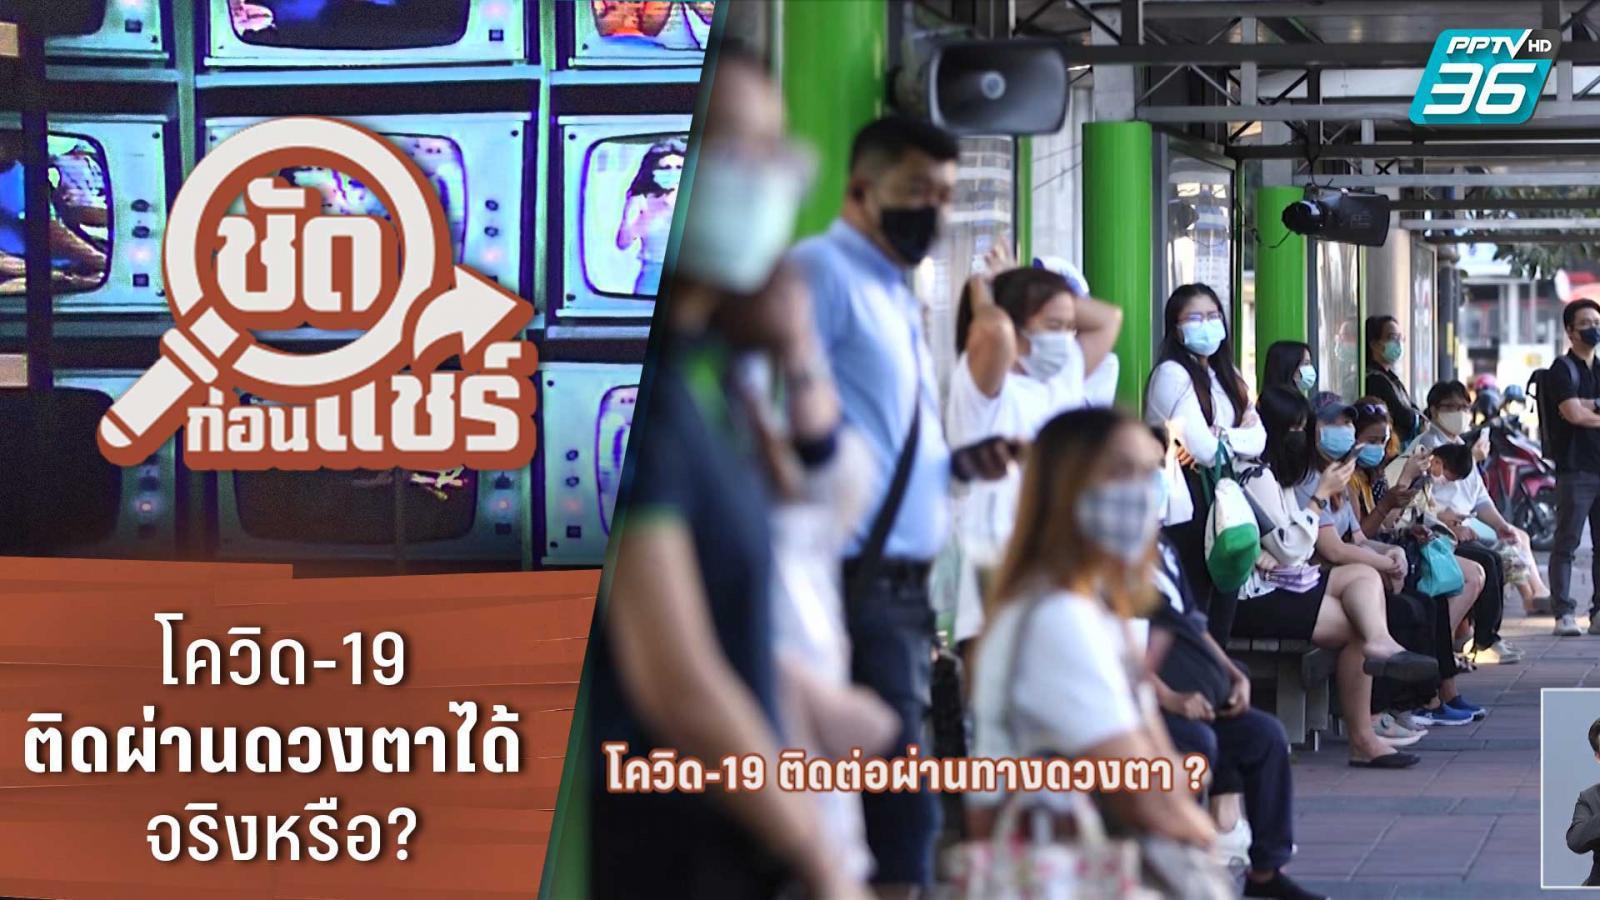 ชัดก่อนแชร์ | โควิด-19 ติดผ่านดวงตาได้ จริงหรือ? | PPTV HD 36